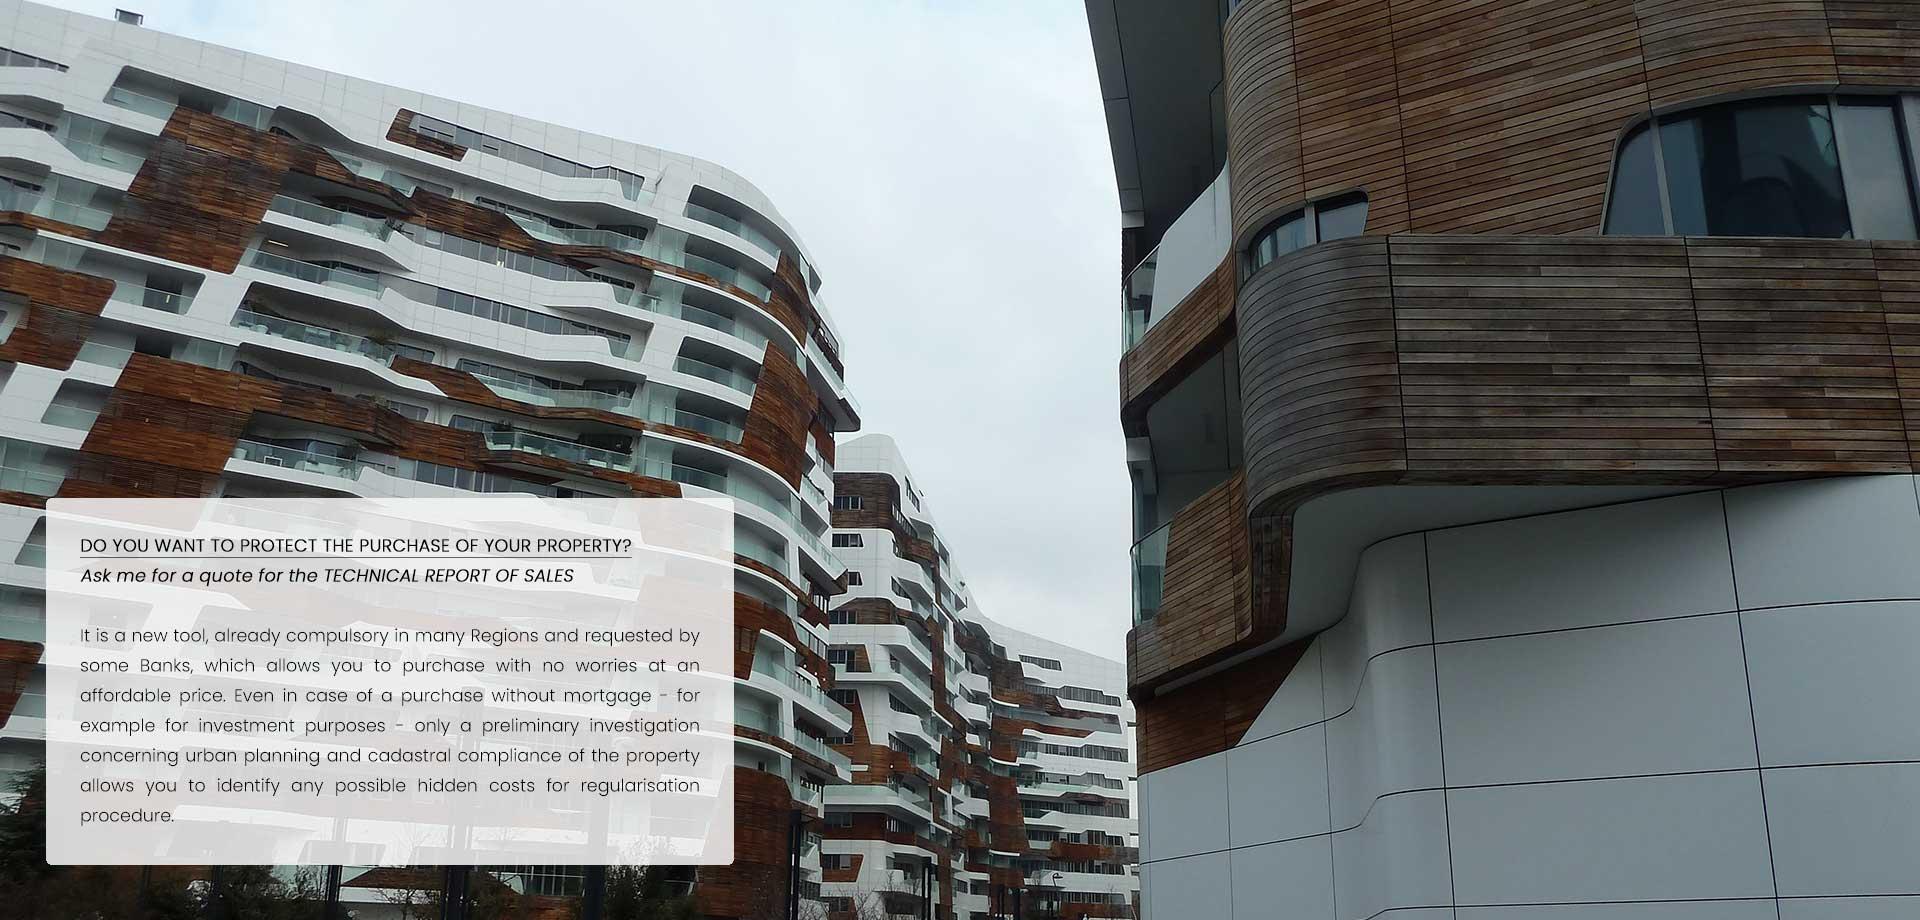 giorgio-rossetti-architetto-claim2020-09en